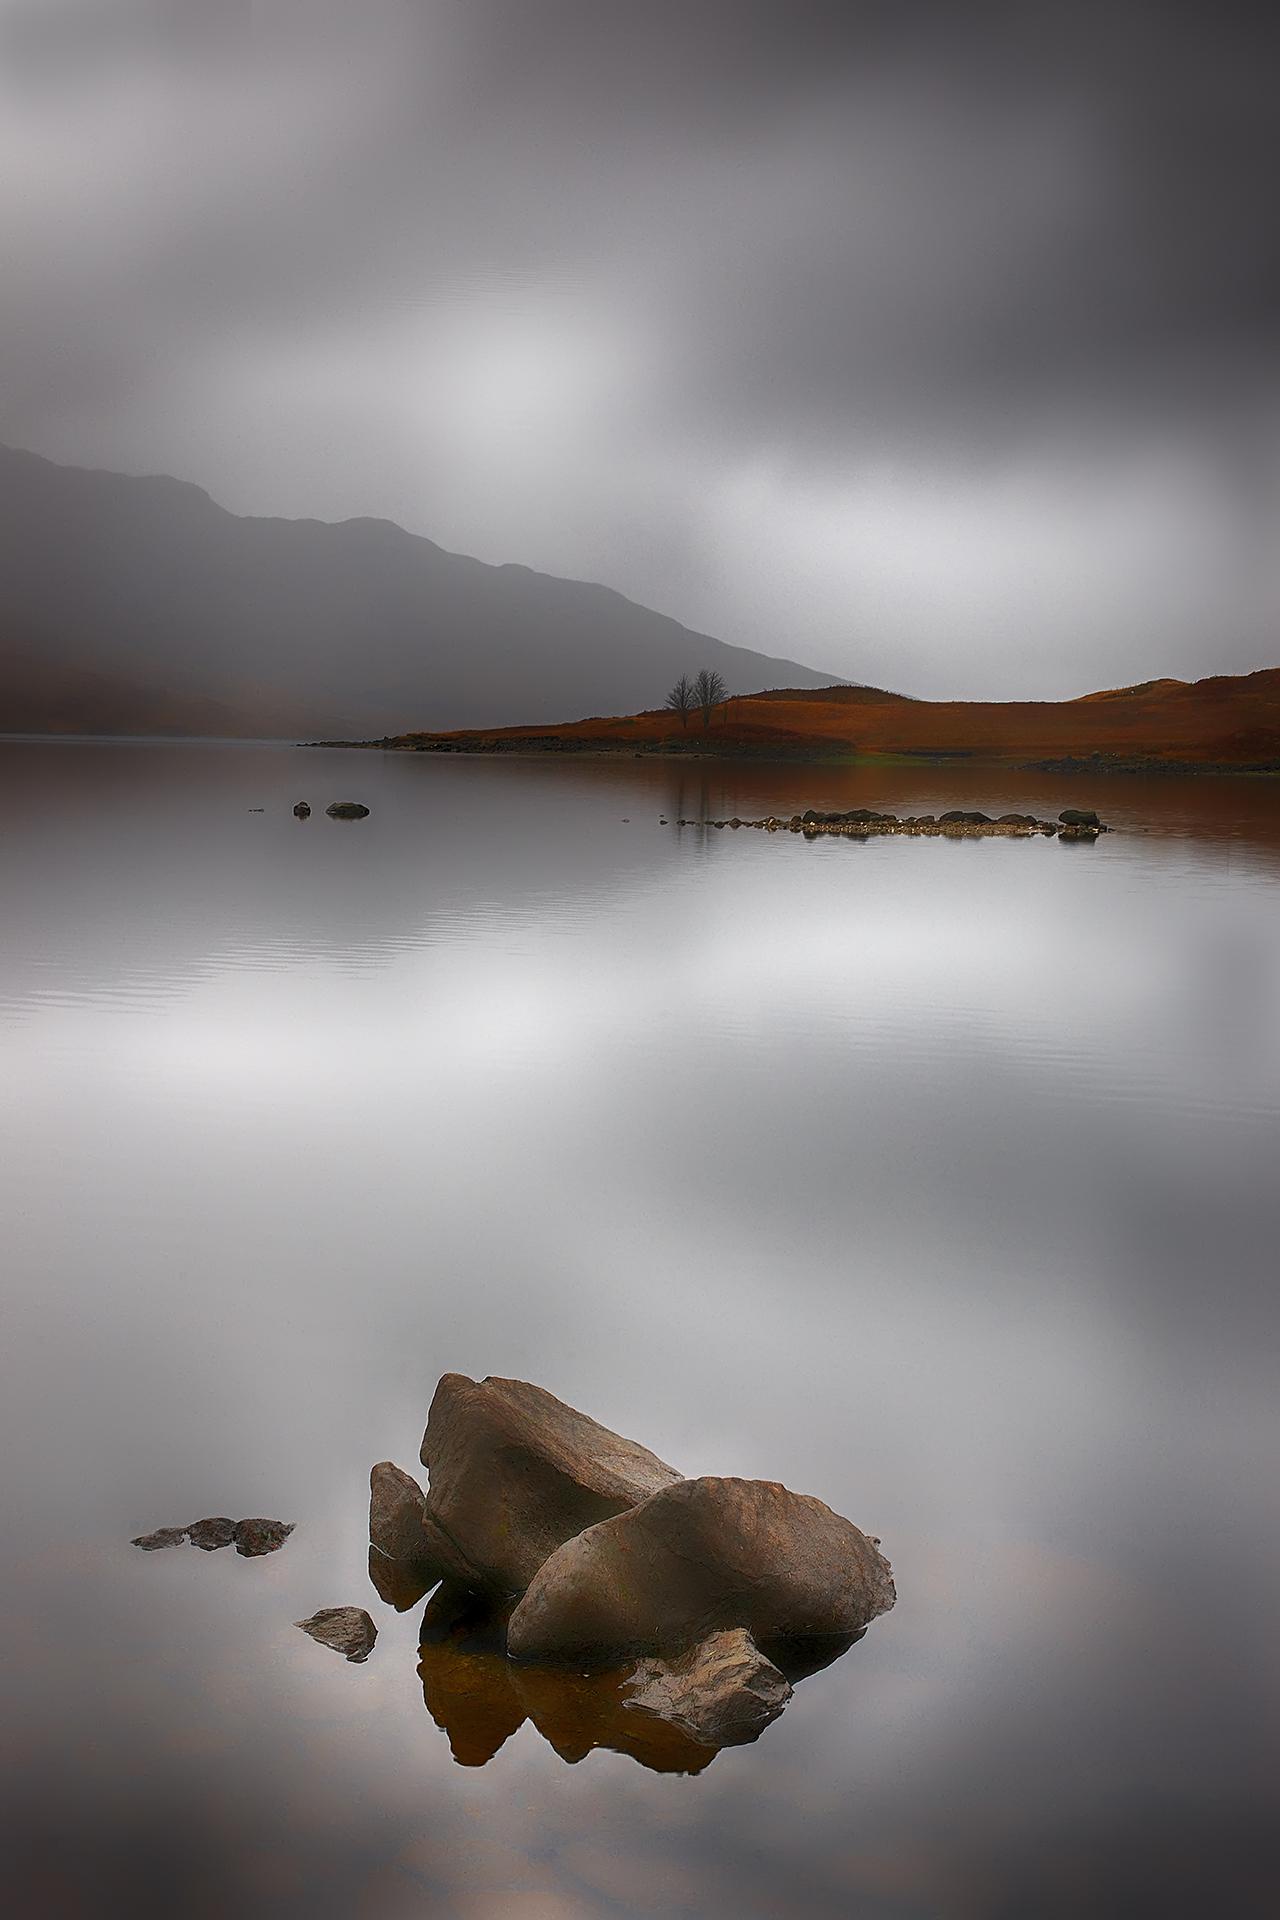 Drauge Philippe - Loch Arklet